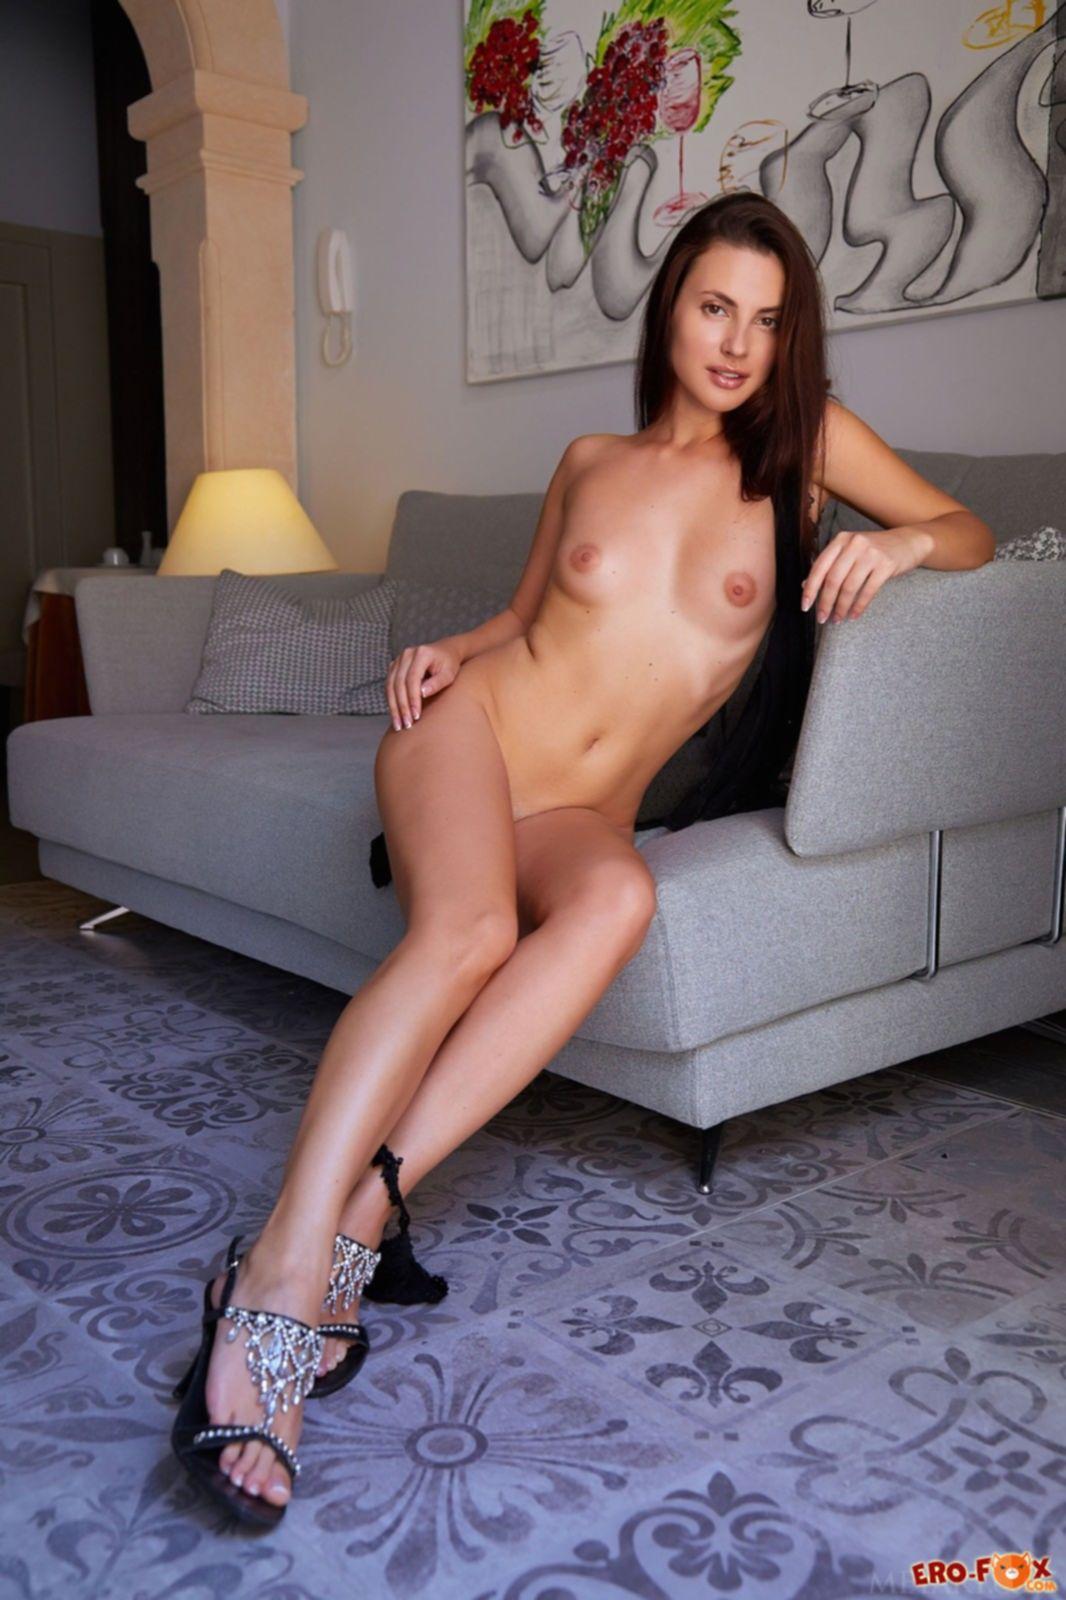 Девушка с длинными ногами показала попу раком на диване - фото